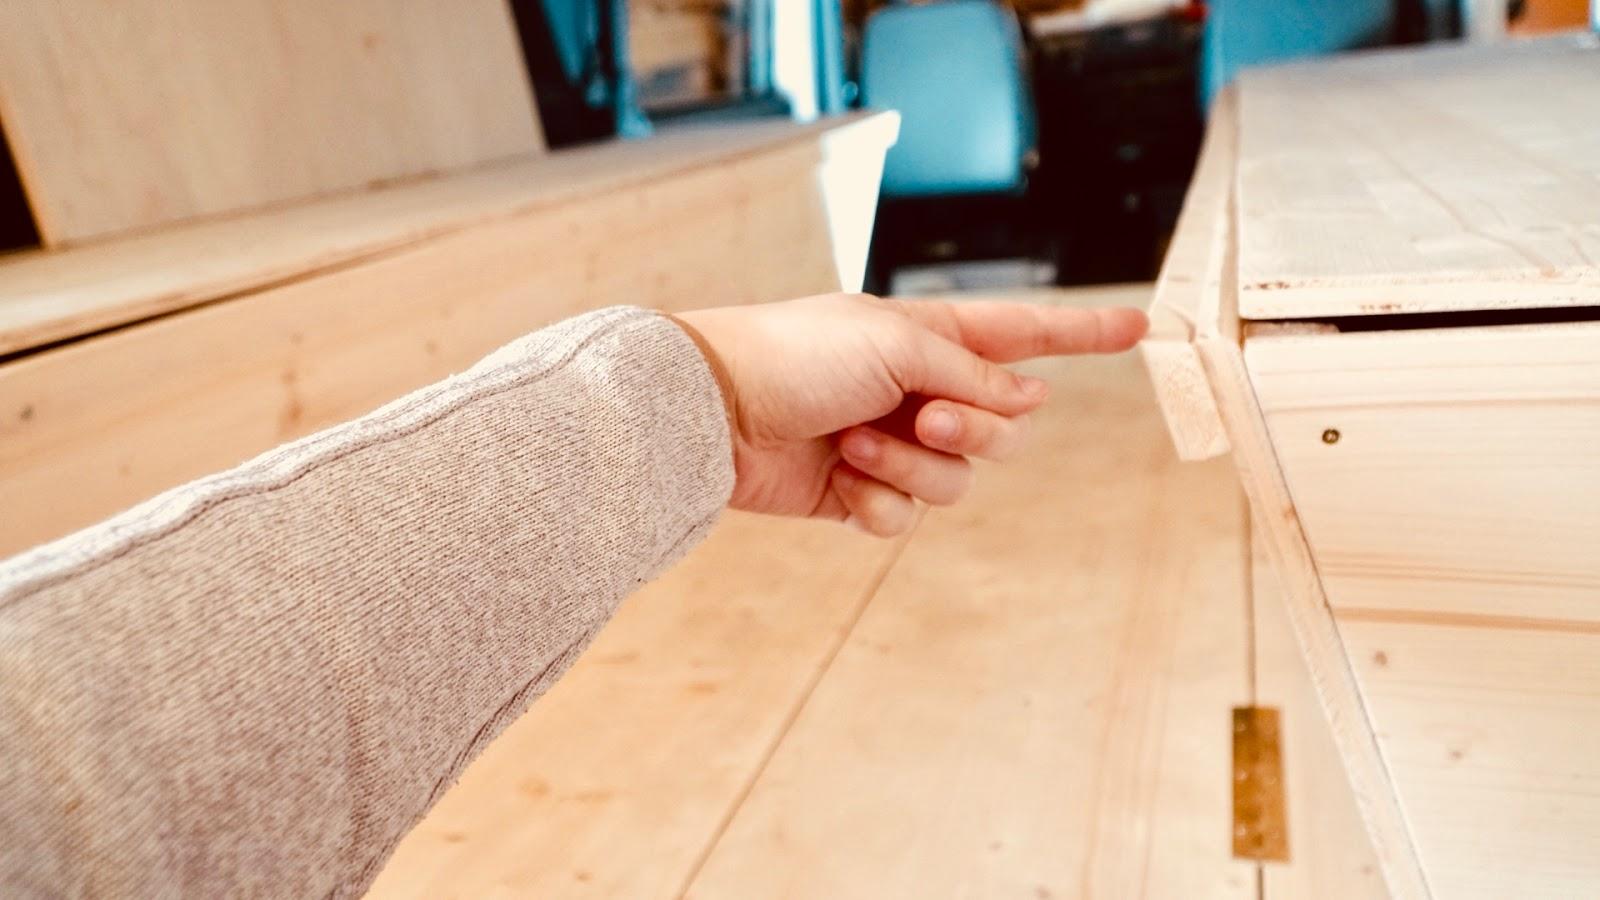 Full Size of Sitzecke Selber Machen Vom Sprinter Zum Wohnmobil Bettbau Und Teil 6 Kopfteil Bett Bauen Regale 180x200 140x200 Einbauküche Fliesenspiegel Küche Boxspring Wohnzimmer Sitzecke Selber Machen